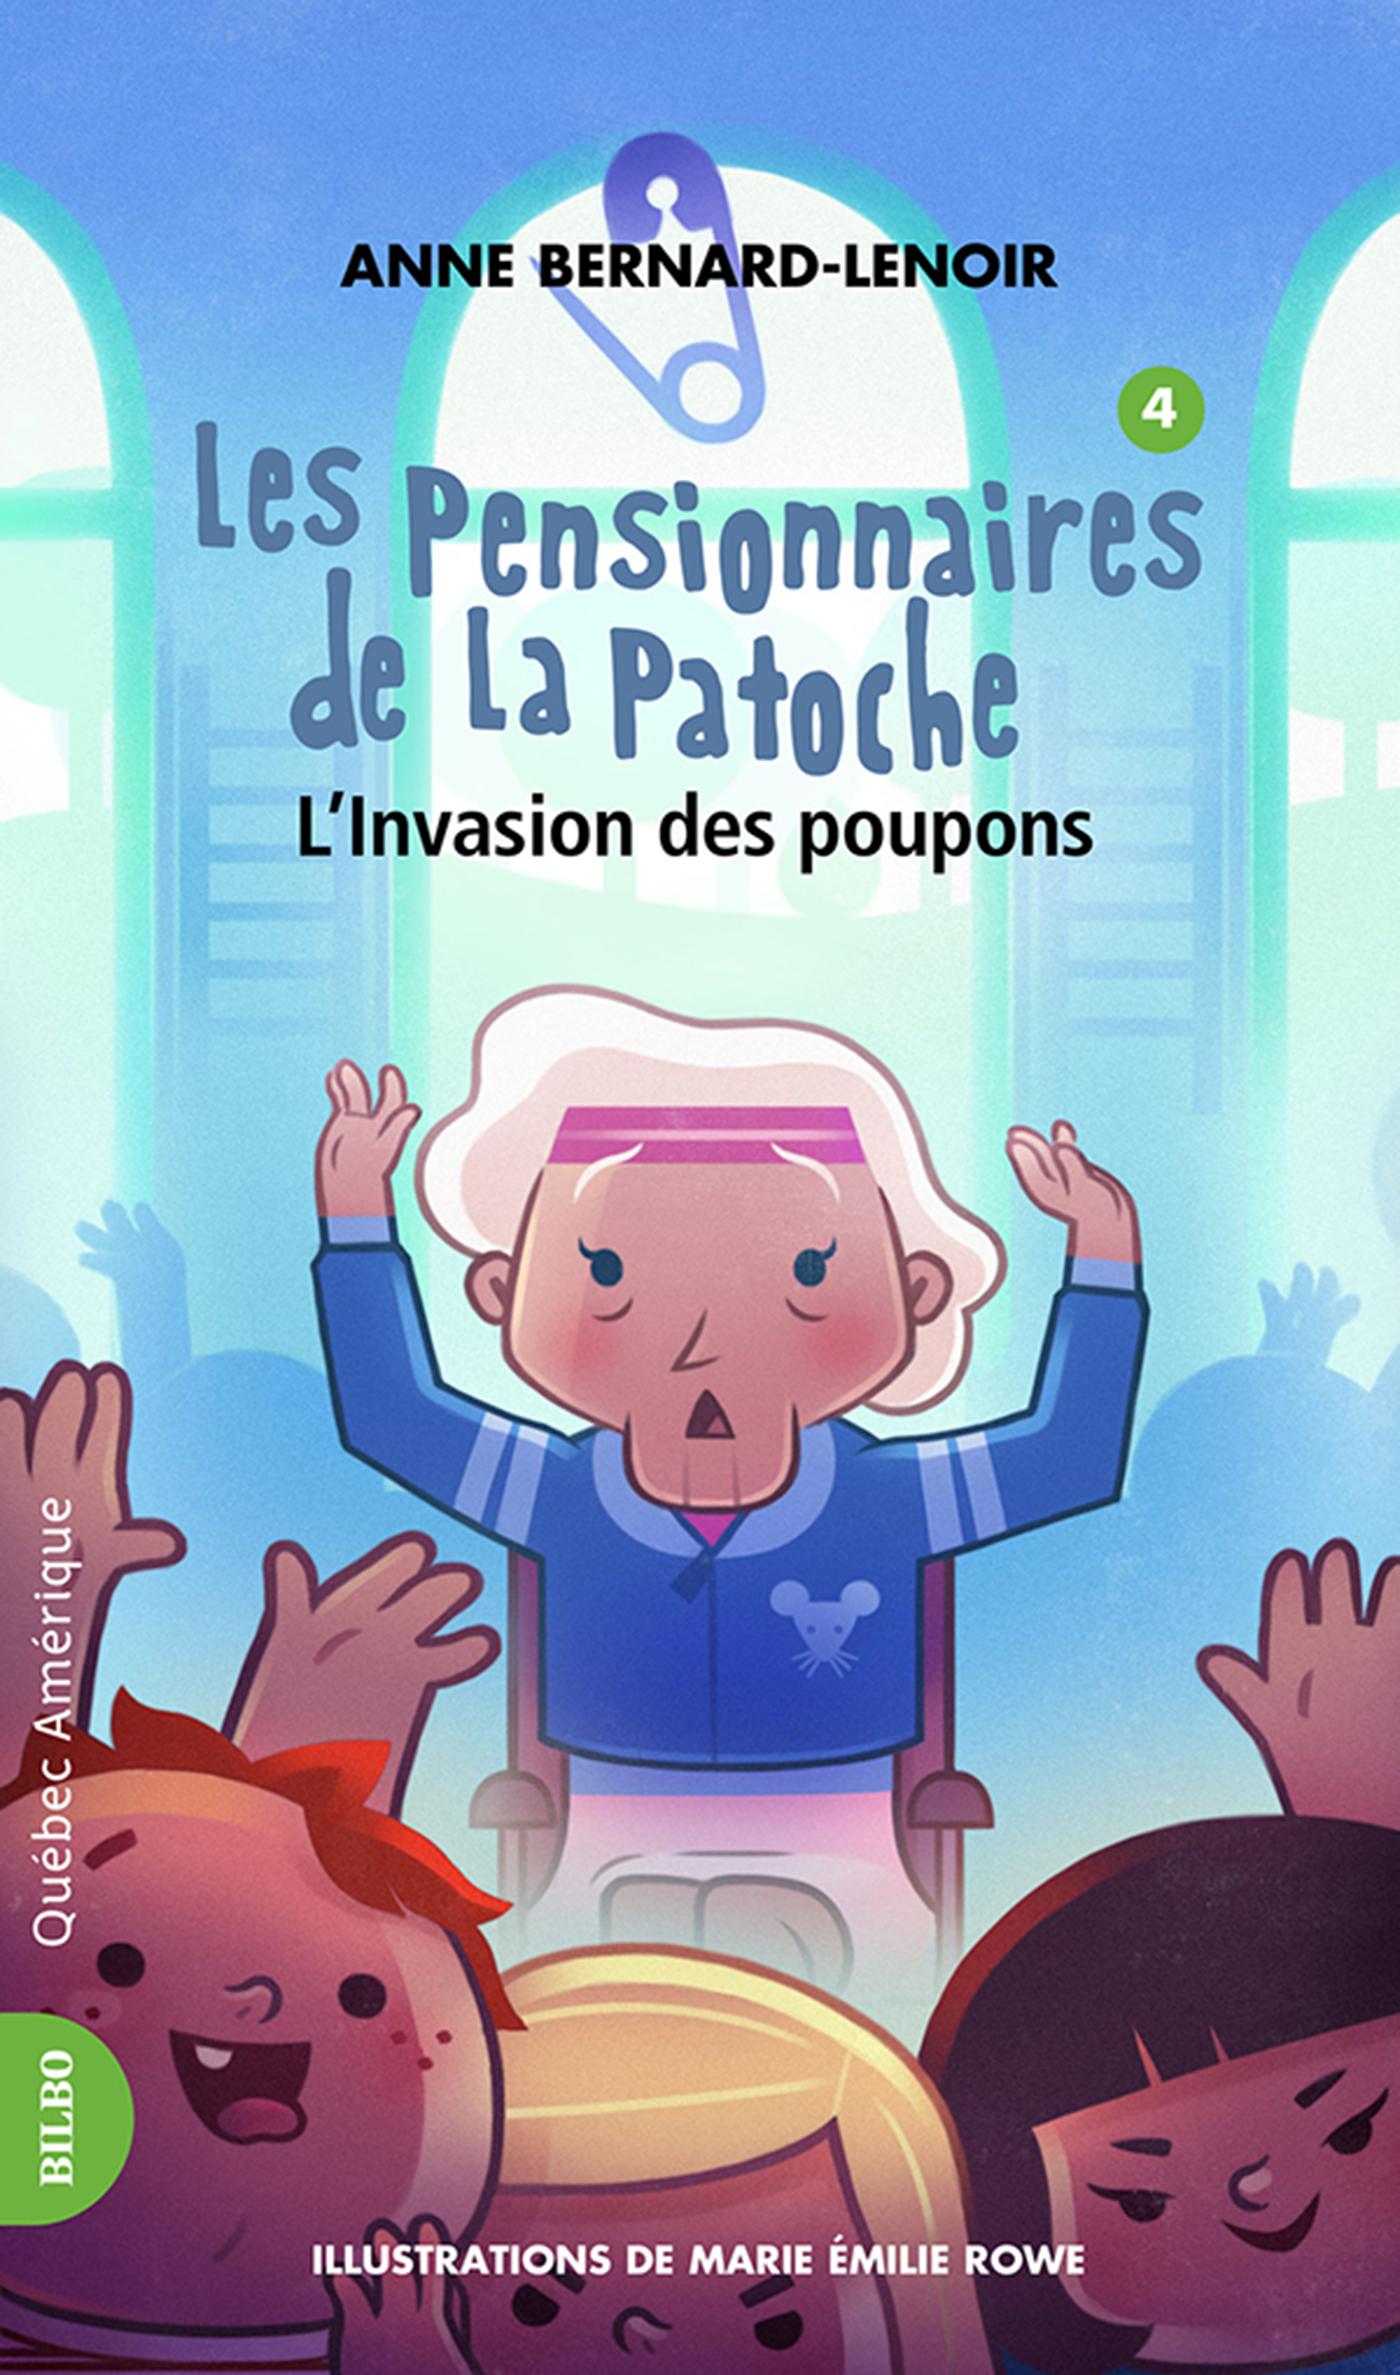 Les Pensionnaires de La Patoche 4 - L'Invasion des poupons